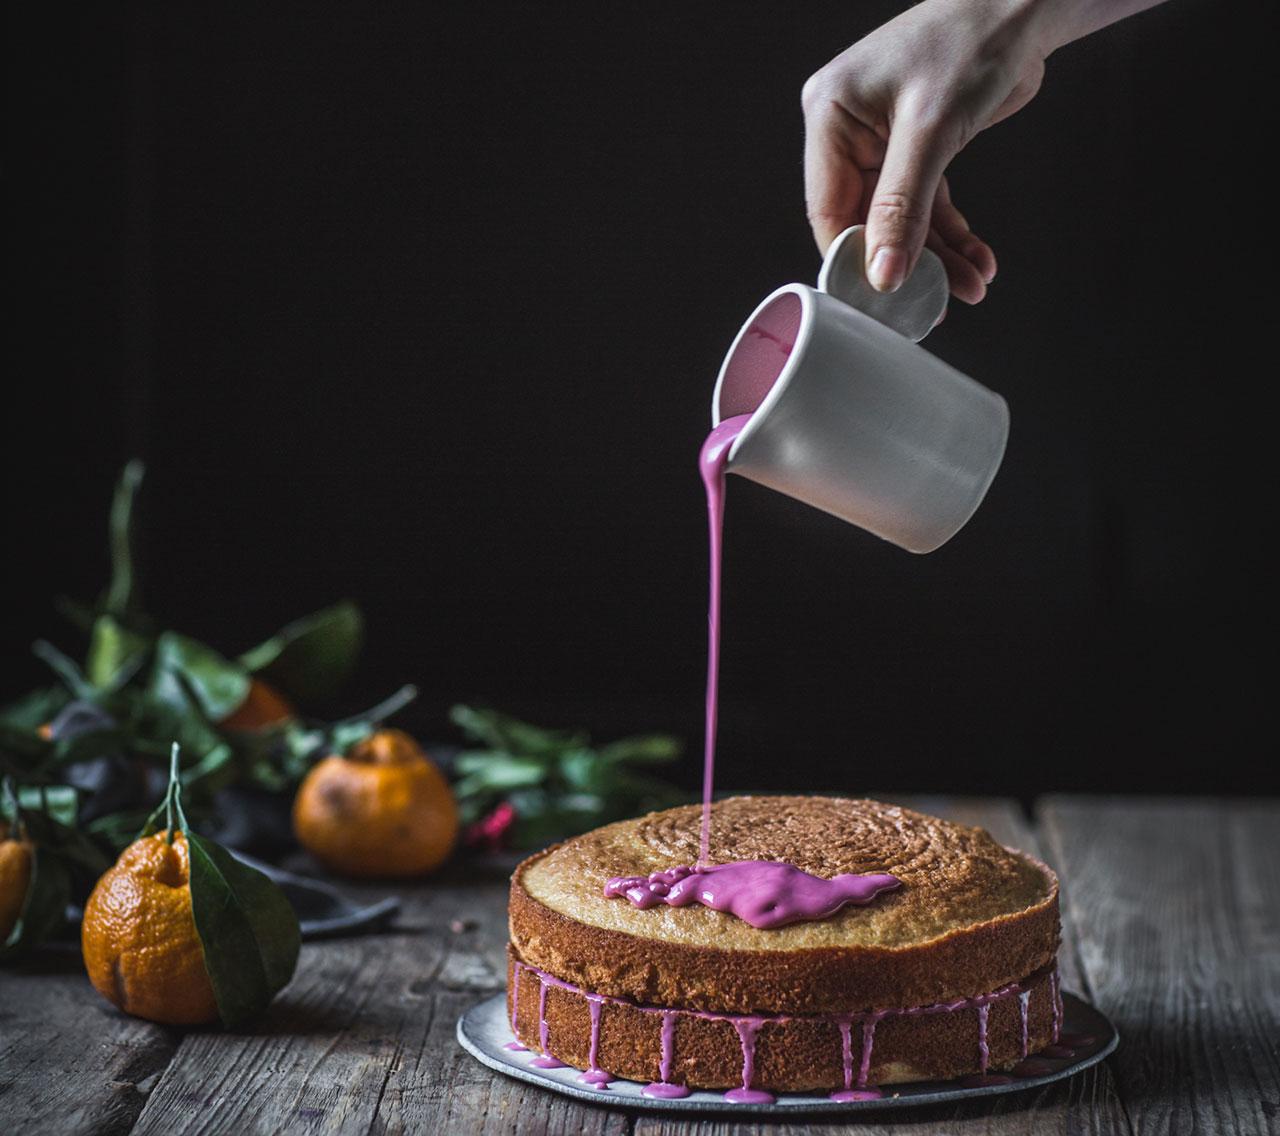 Нанесение цветной глазури на торт